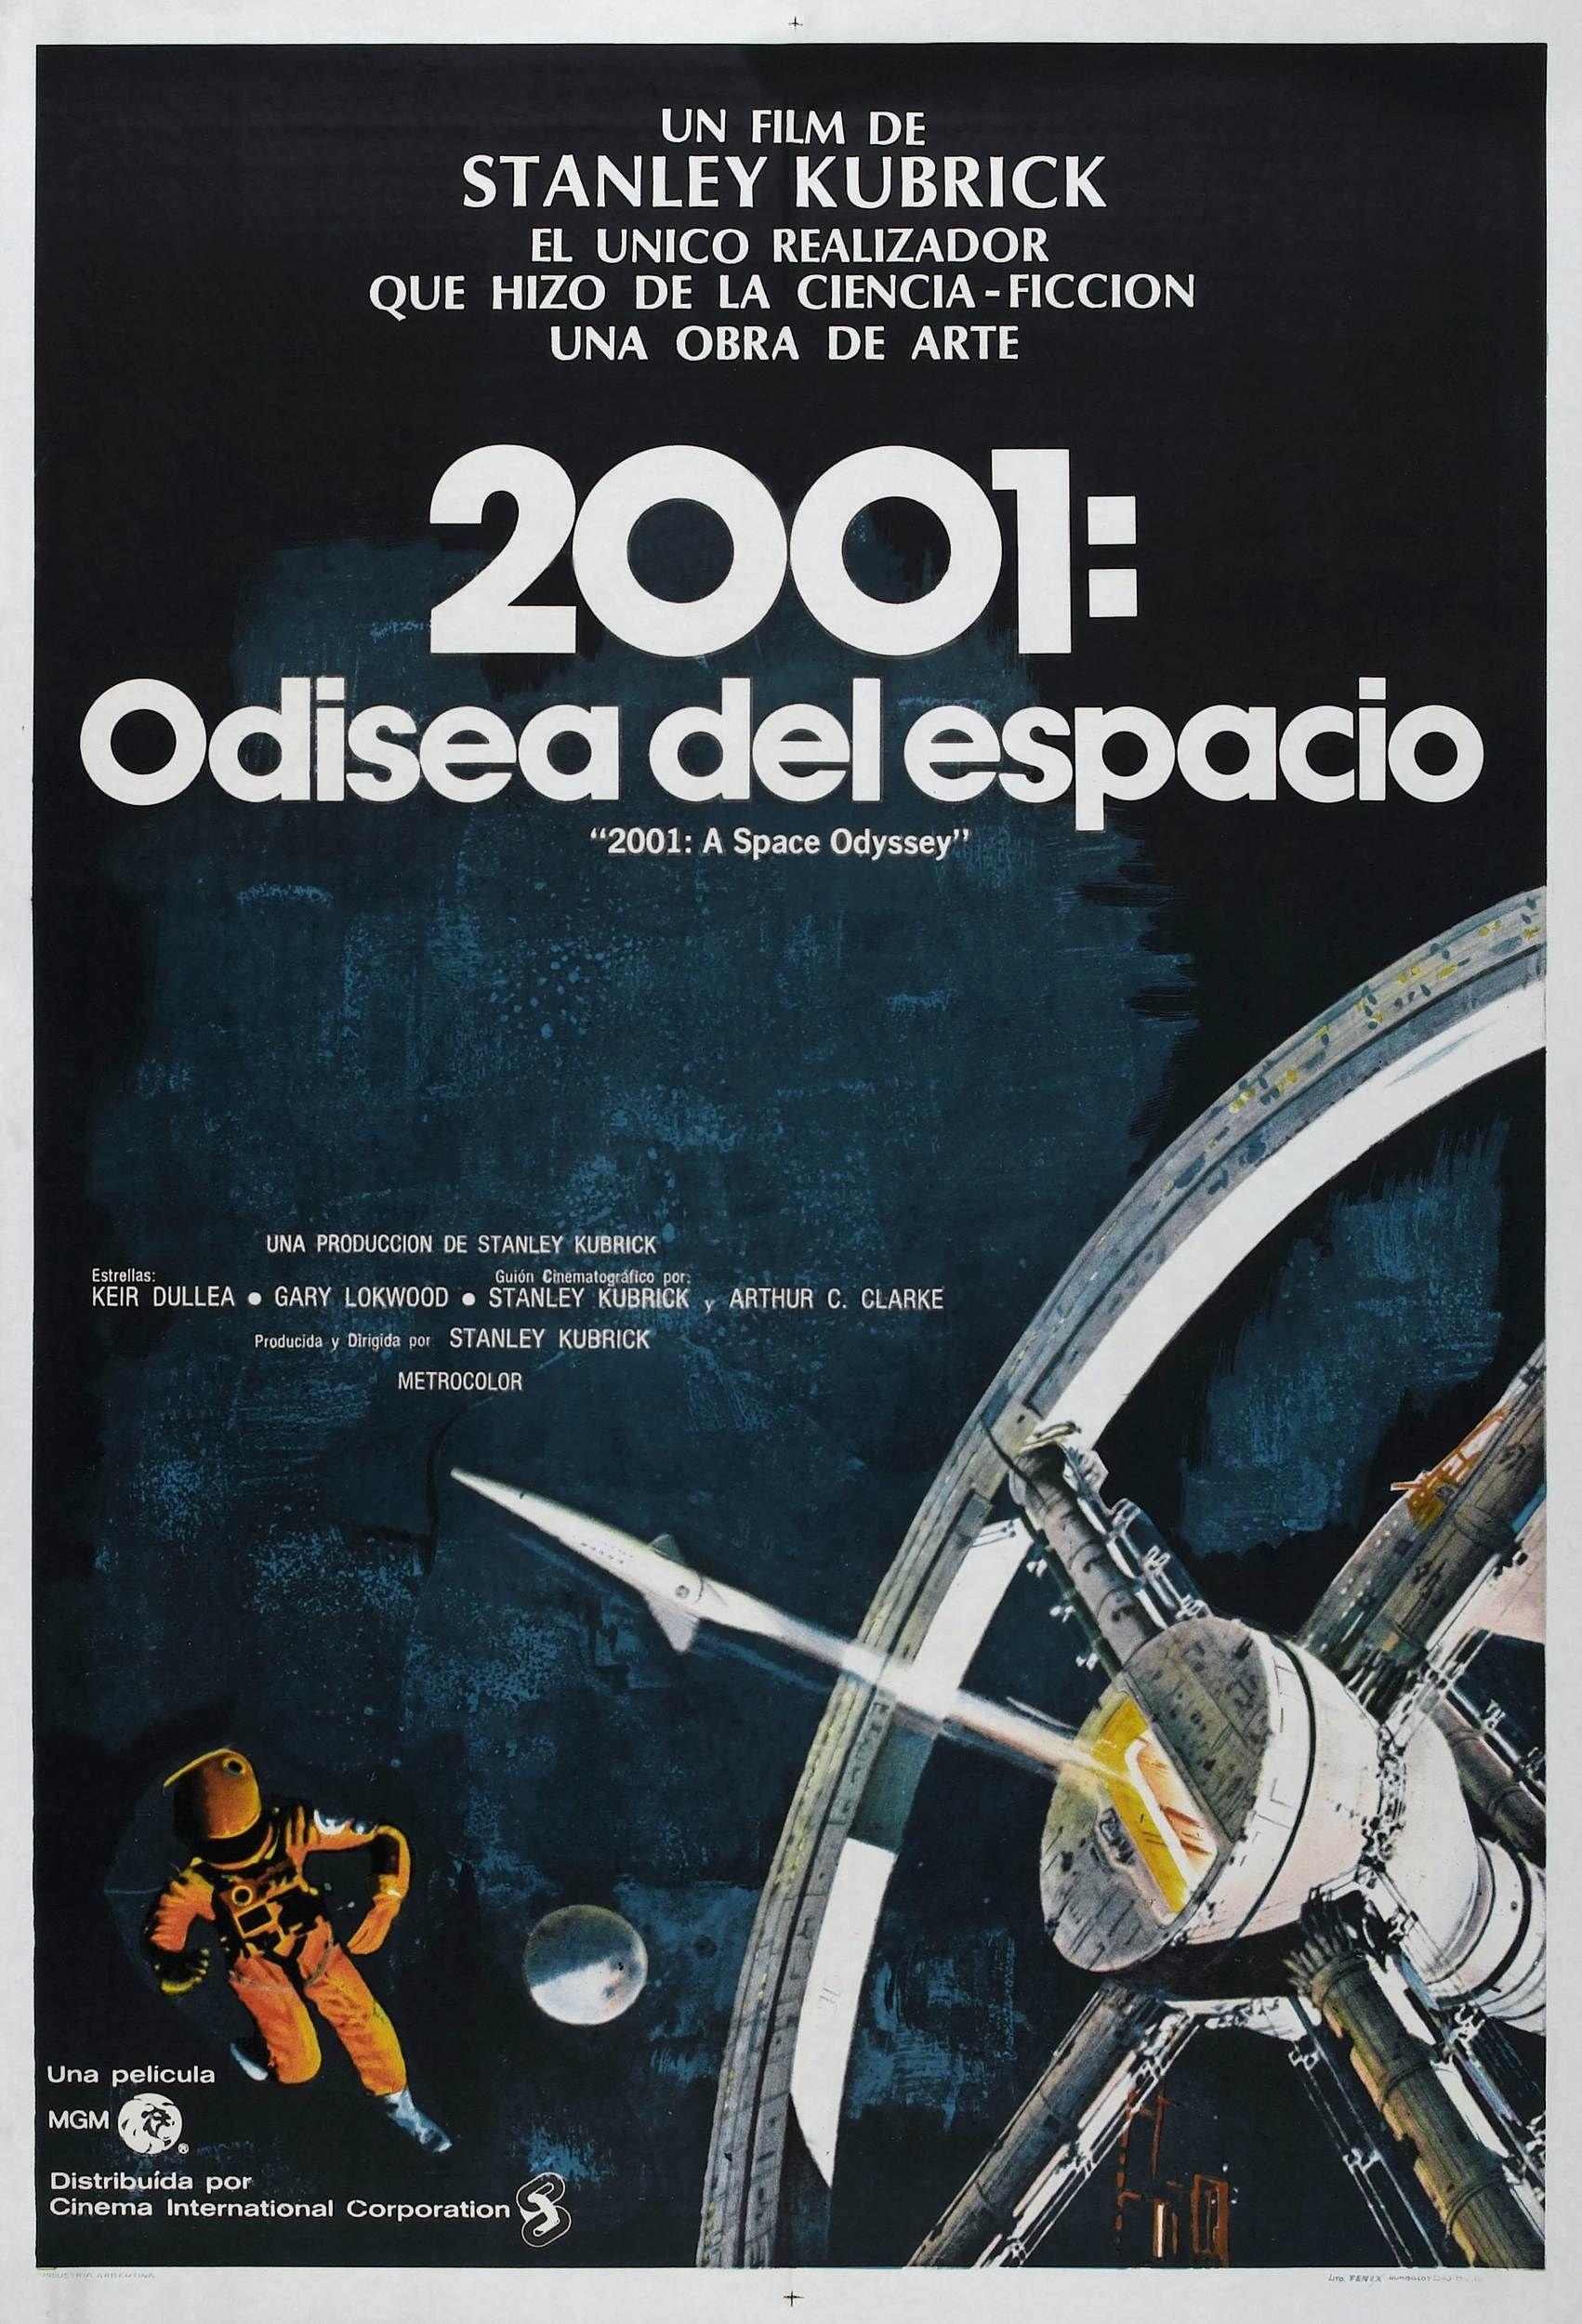 2001: Una odisea del espacio en cannes